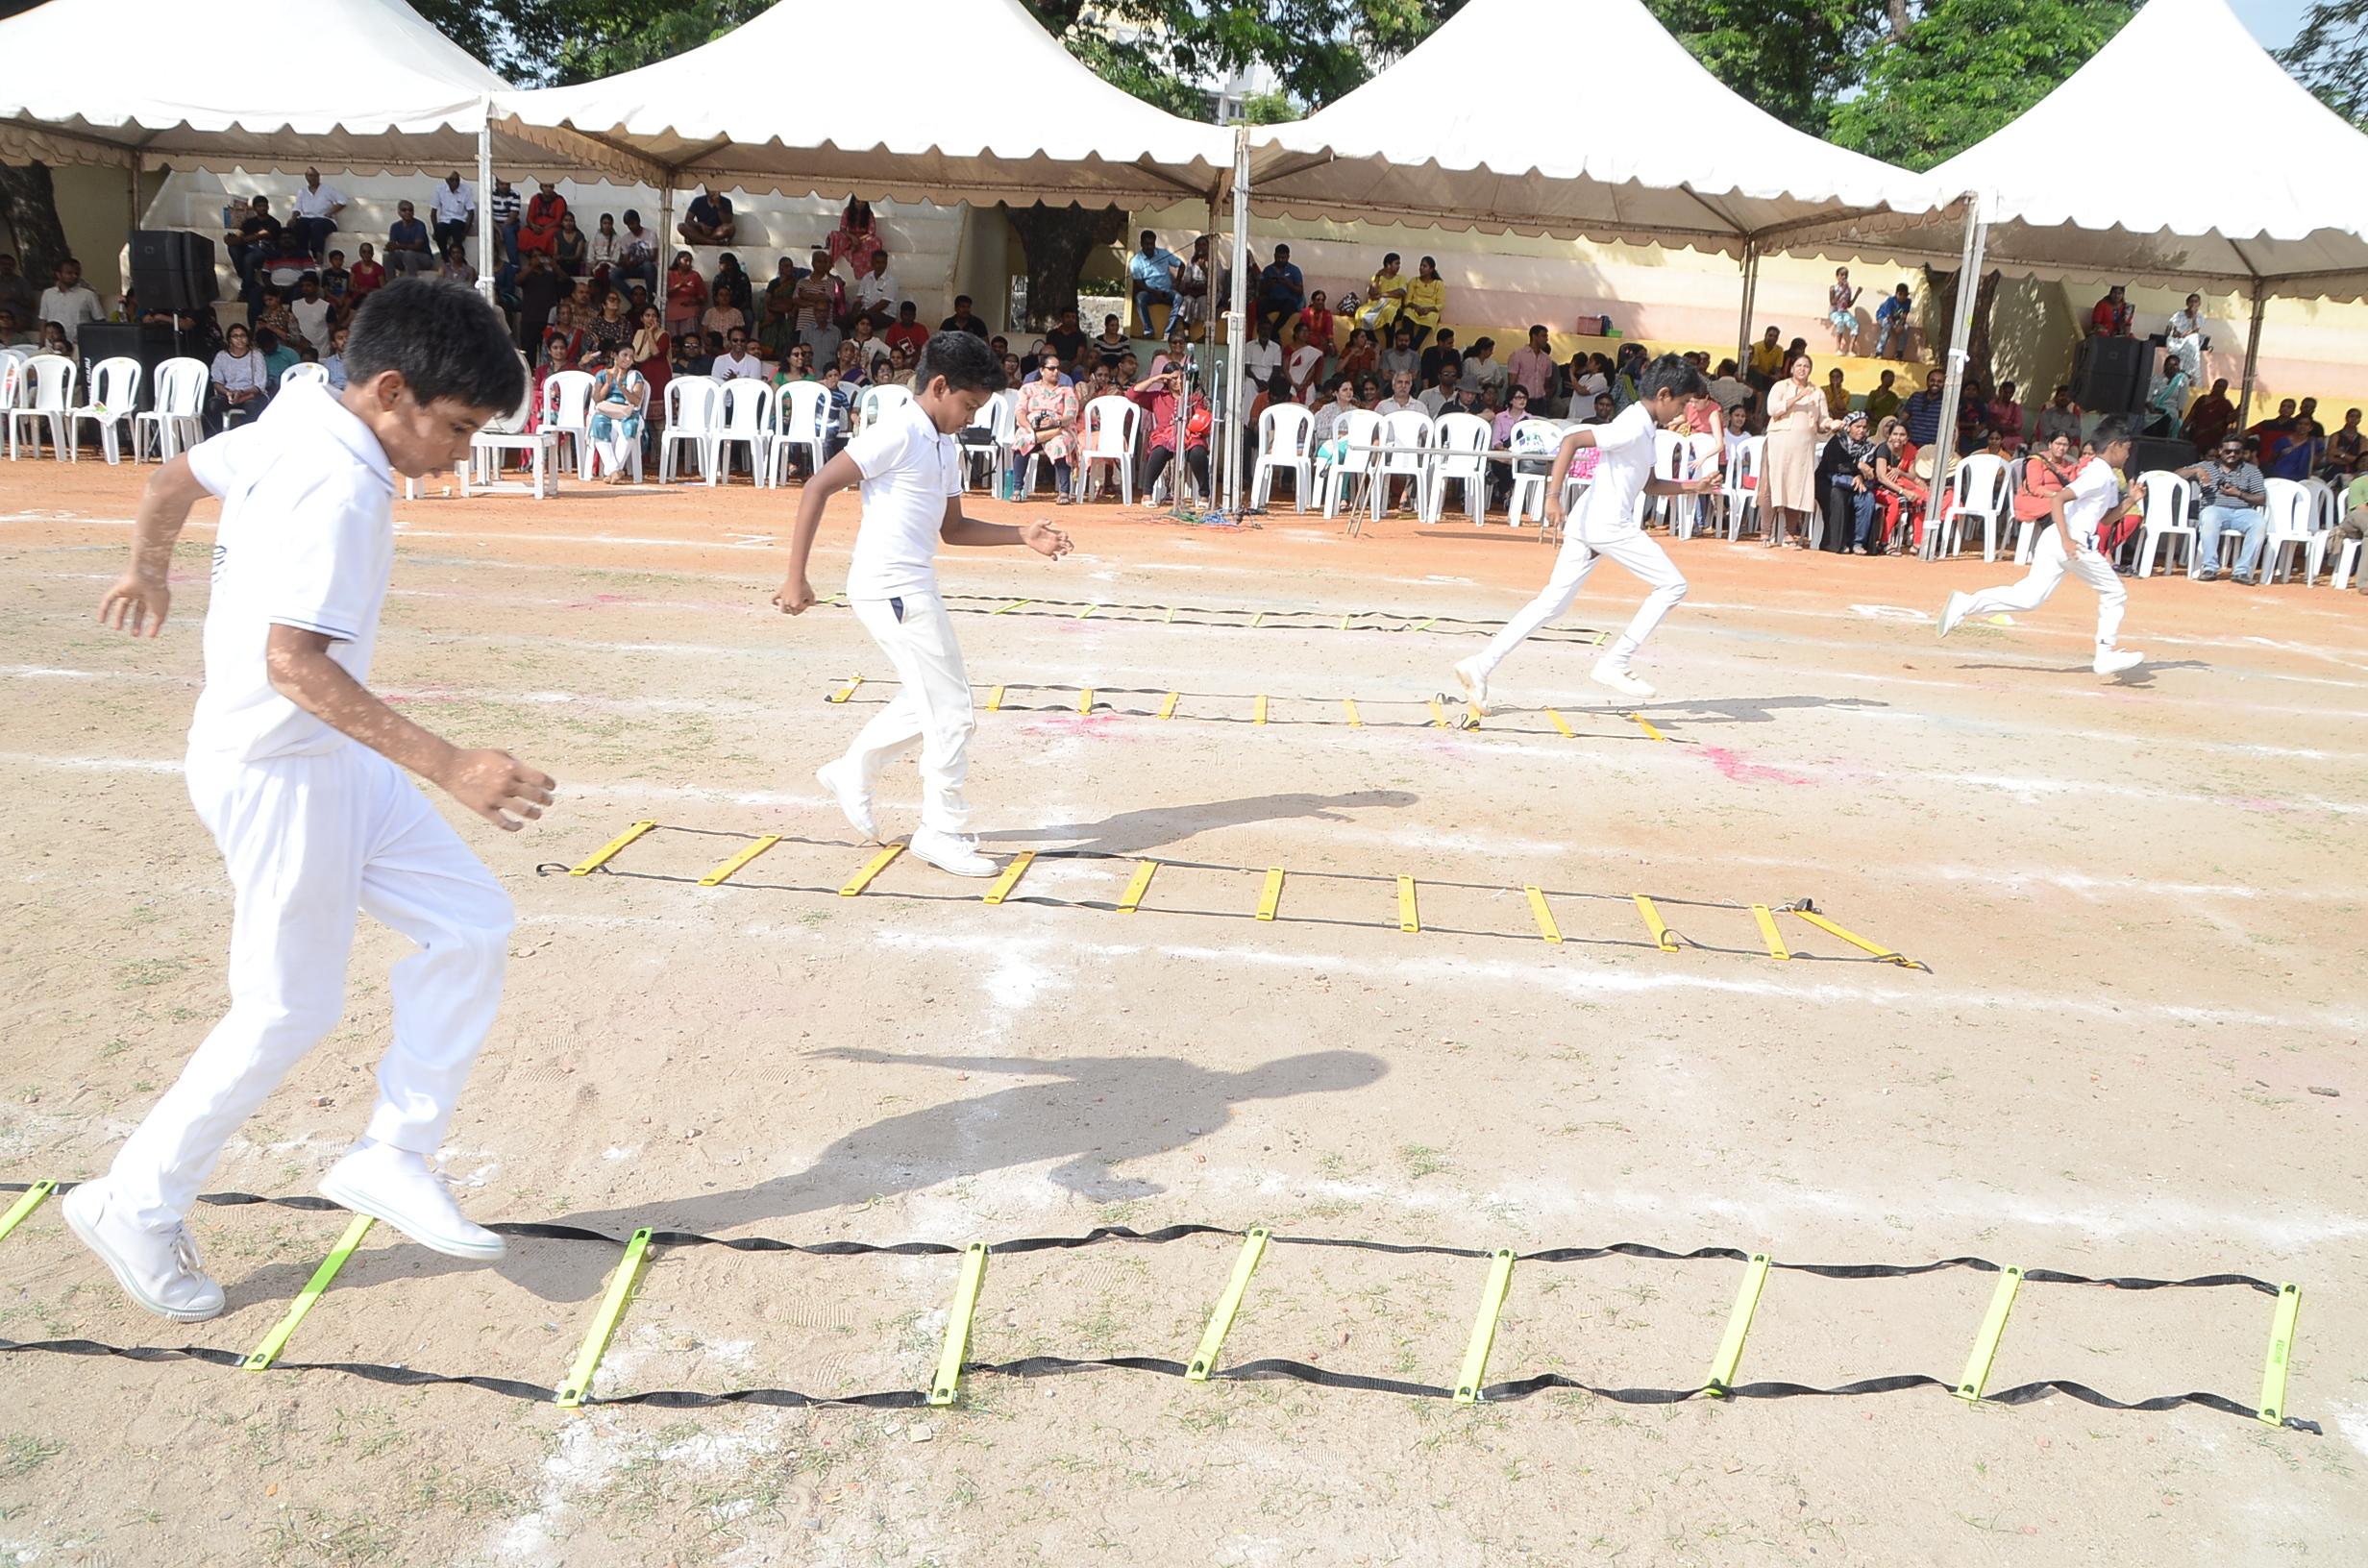 Skirting through ladder to cross hurdles